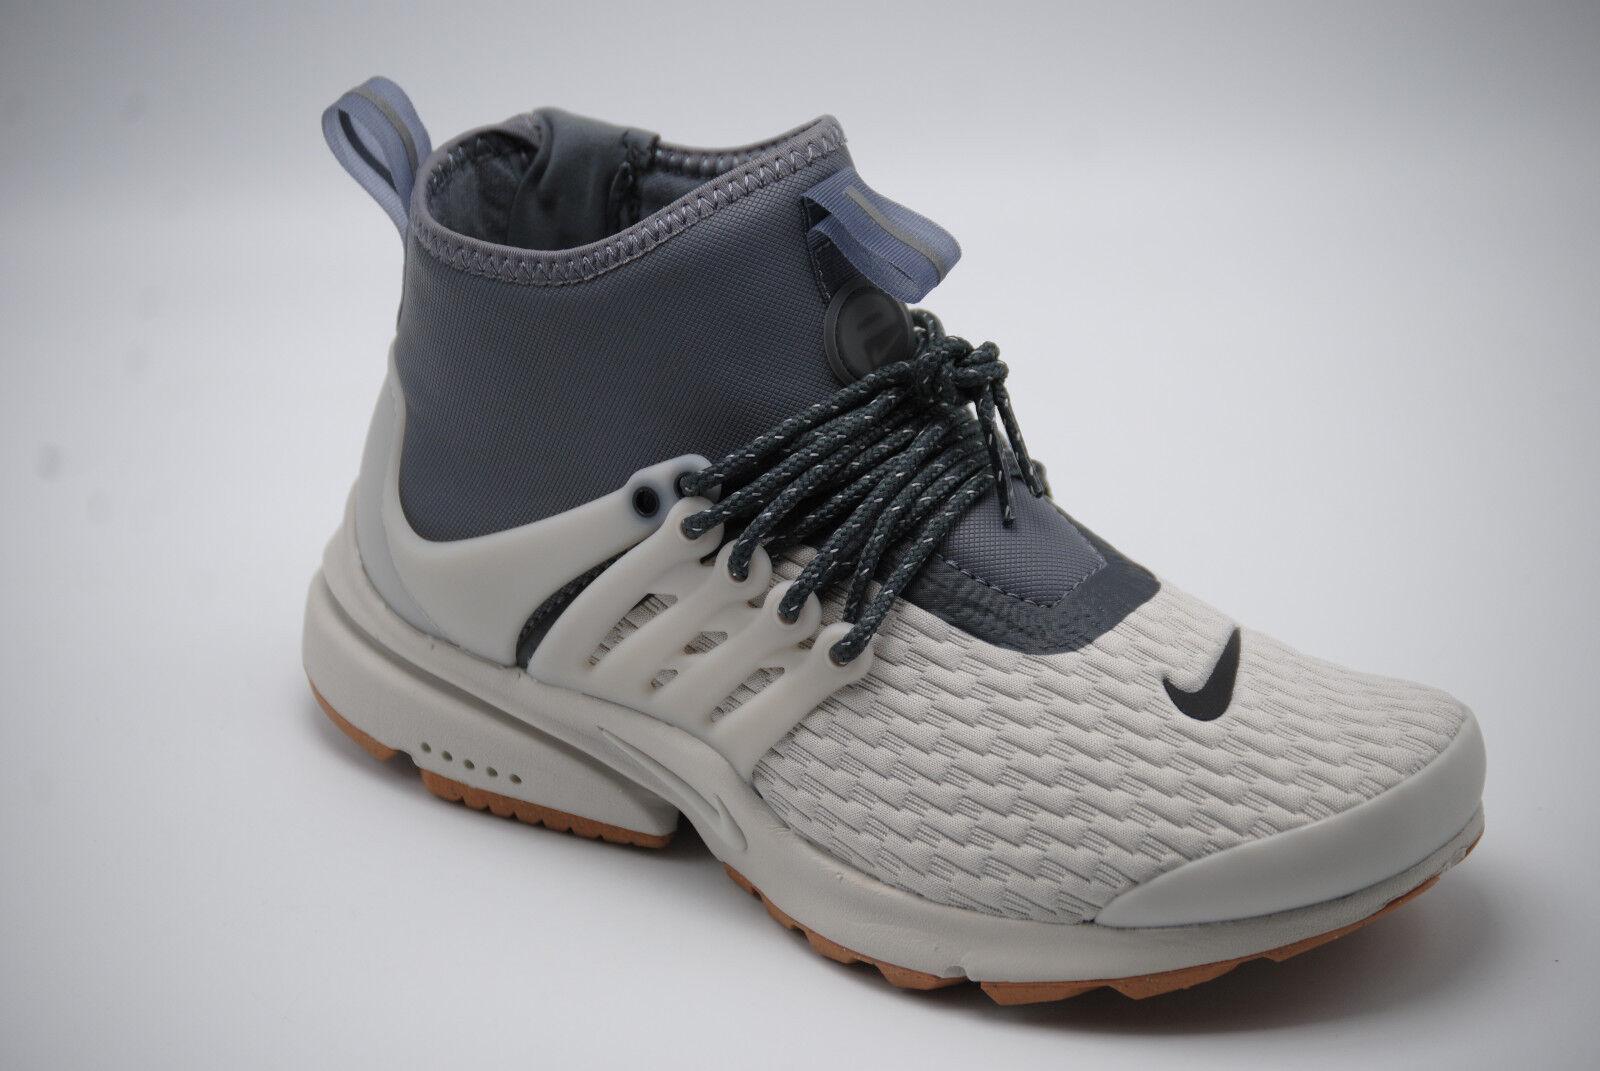 Nike air presto metà utilità sonodiventate scarpe da donna aa0674 001 molteplici dimensioni